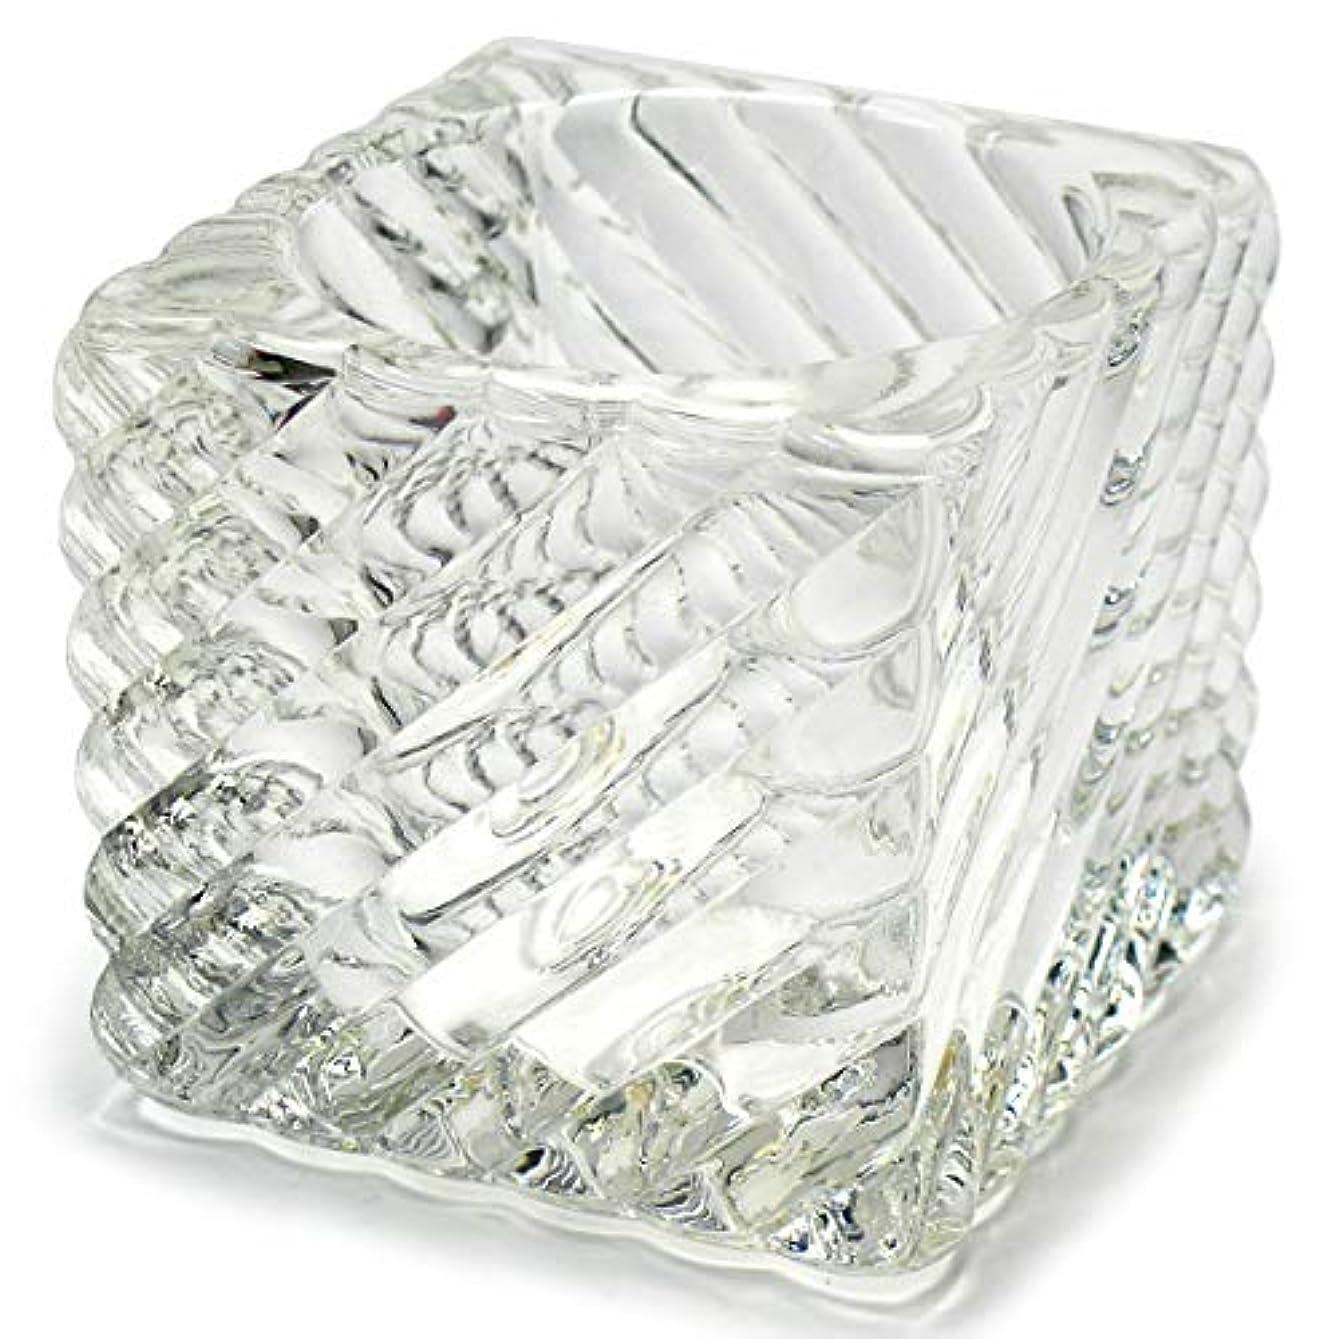 招待ダッシュ中断キャンドルホルダー ガラス 1 キャンドルスタンド クリスマス ティーキャンドル 誕生日 記念日